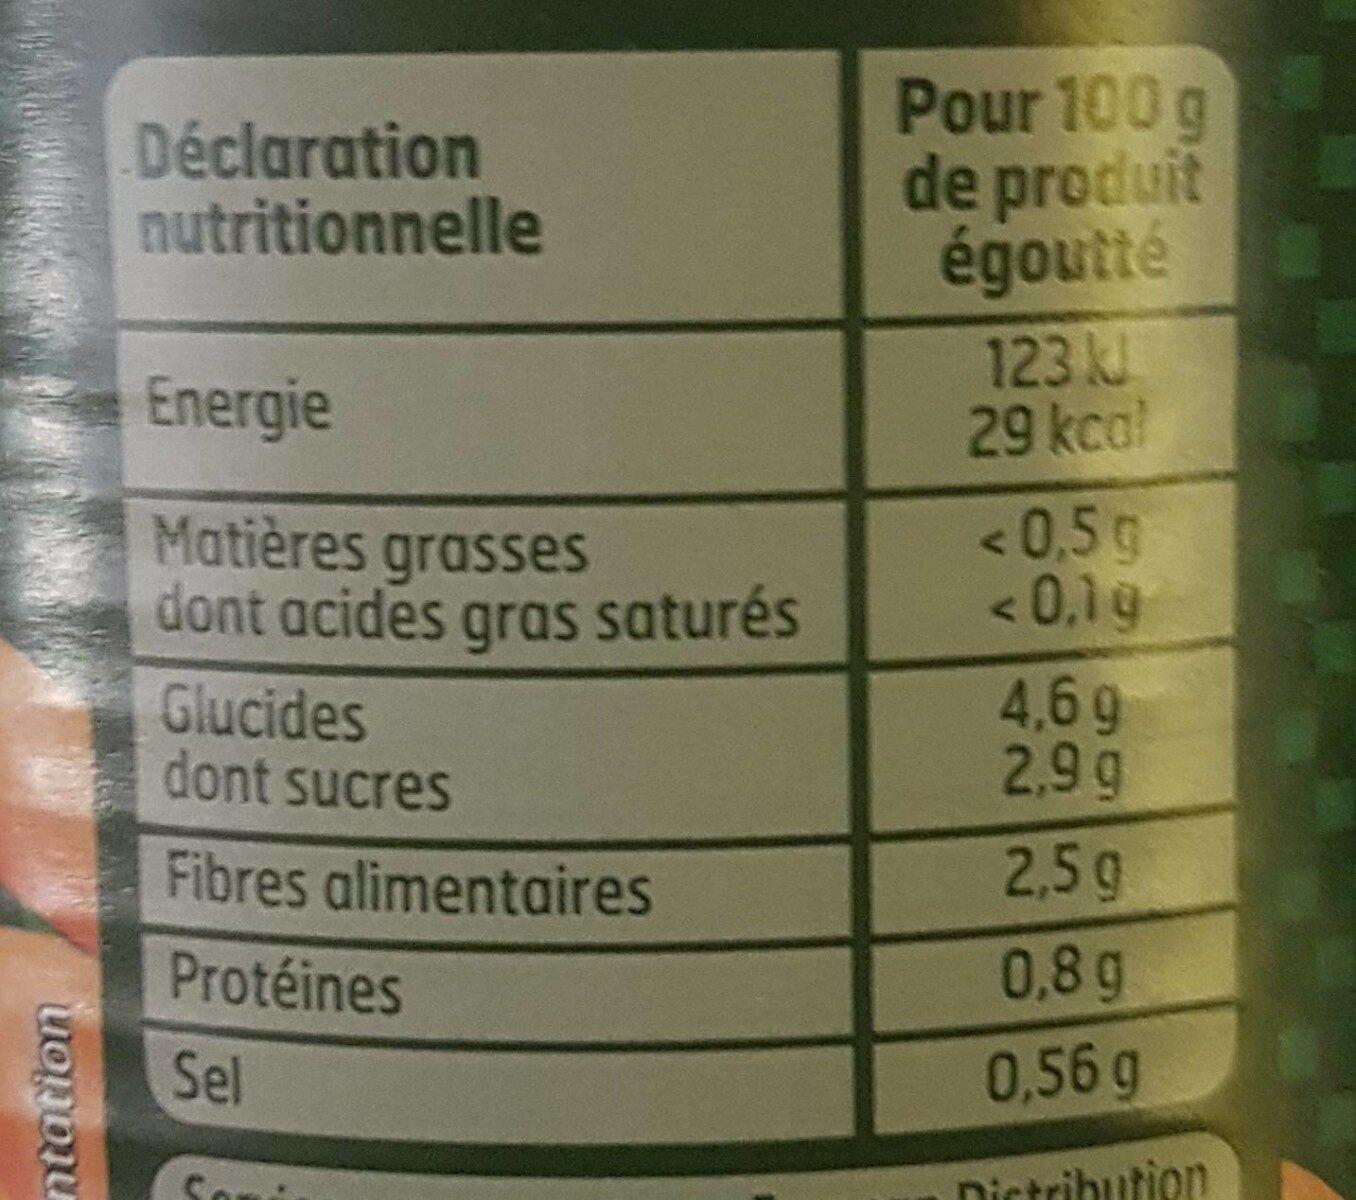 Jeunes carottes extras fines - Informations nutritionnelles - fr